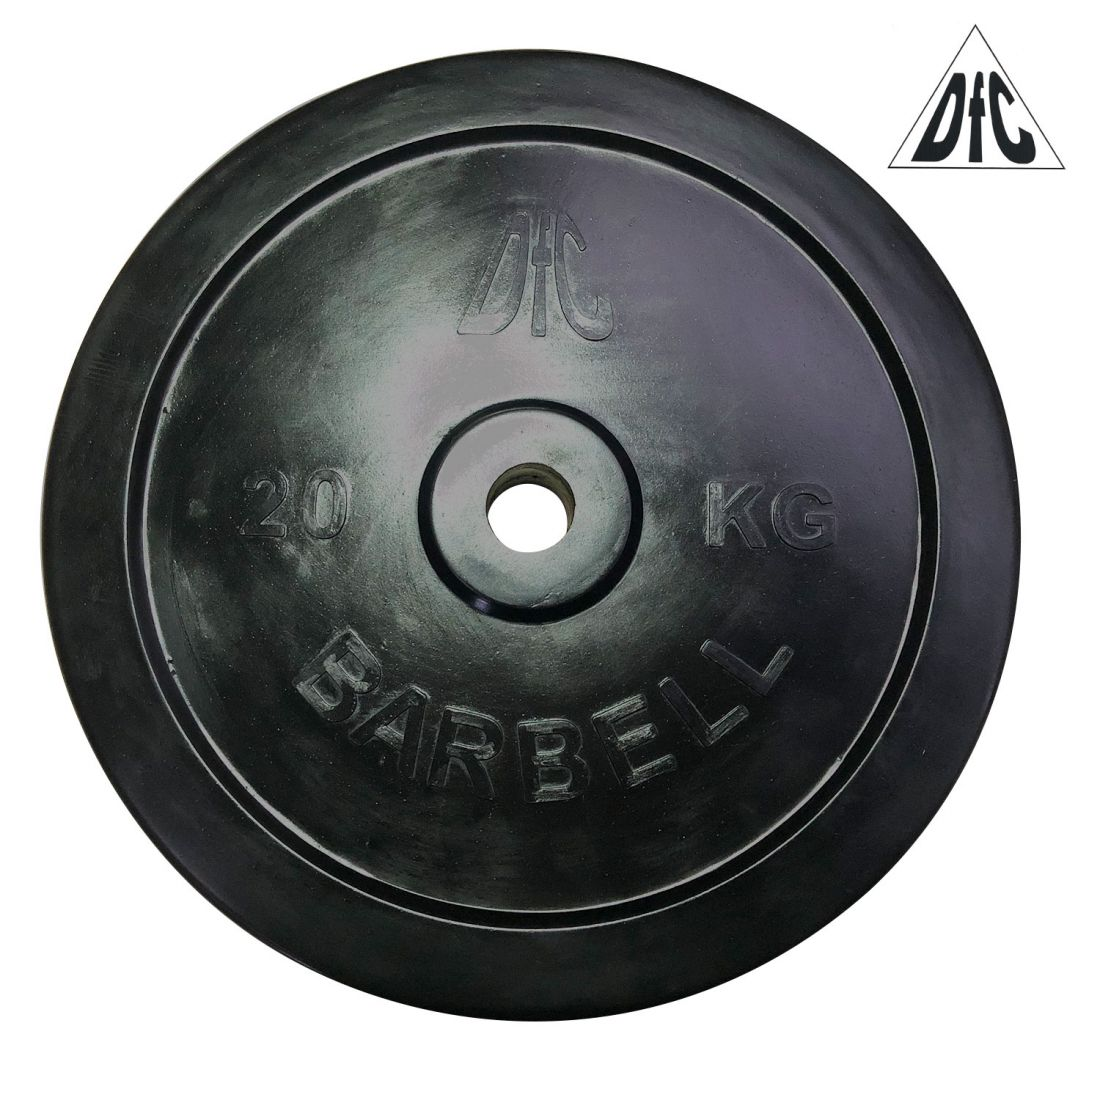 Диск обрезиненный DFC, чёрный, 31 мм, 20 кг